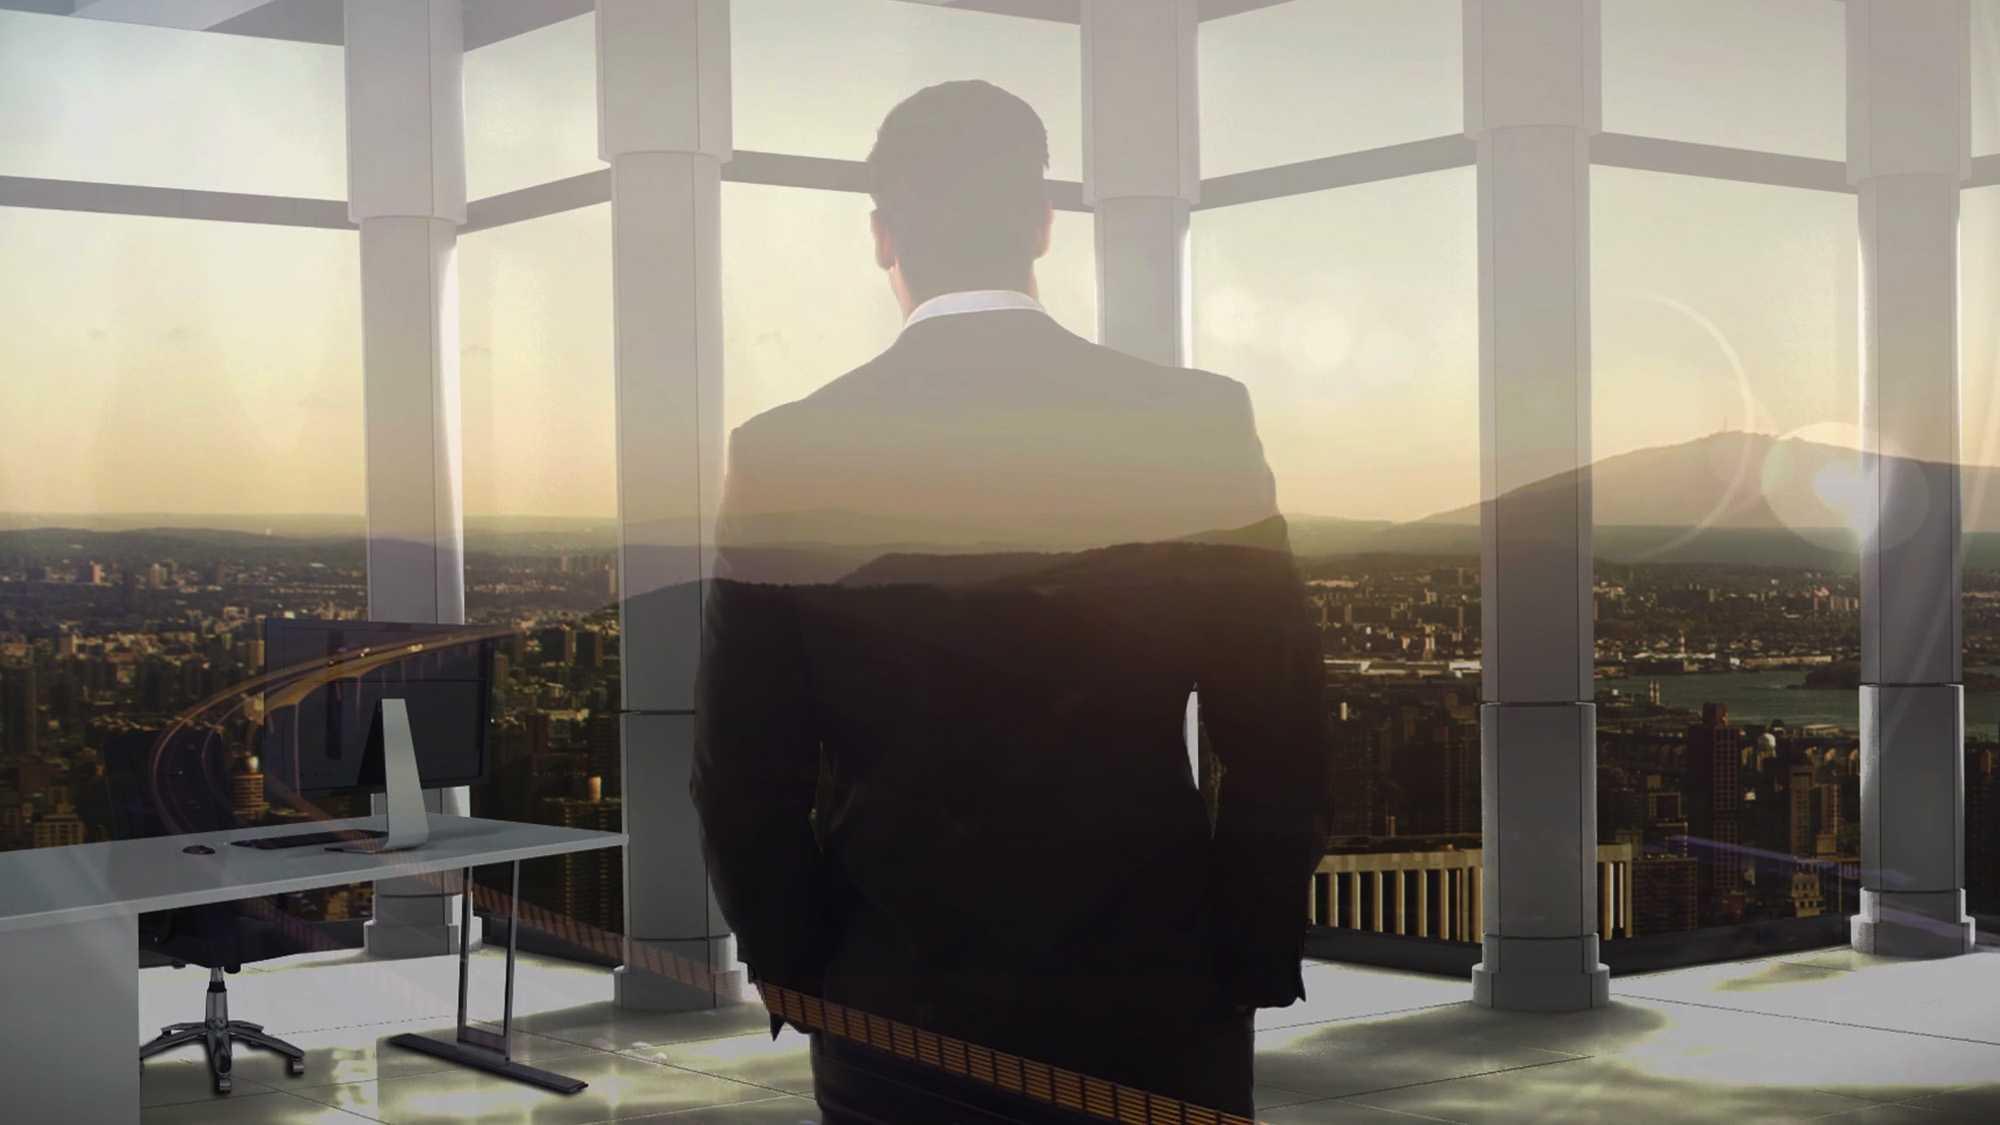 Das Bild zeigt eine Rückenansicht eines Mannes. Er trägt einen schwarzen Anzug. Er steht vor einem Fenster. Das Bild dient als Sliderbild für den Portfolioeintrag SupplyOn - Supply Chain Management Imagefilm von Panda Pictures.